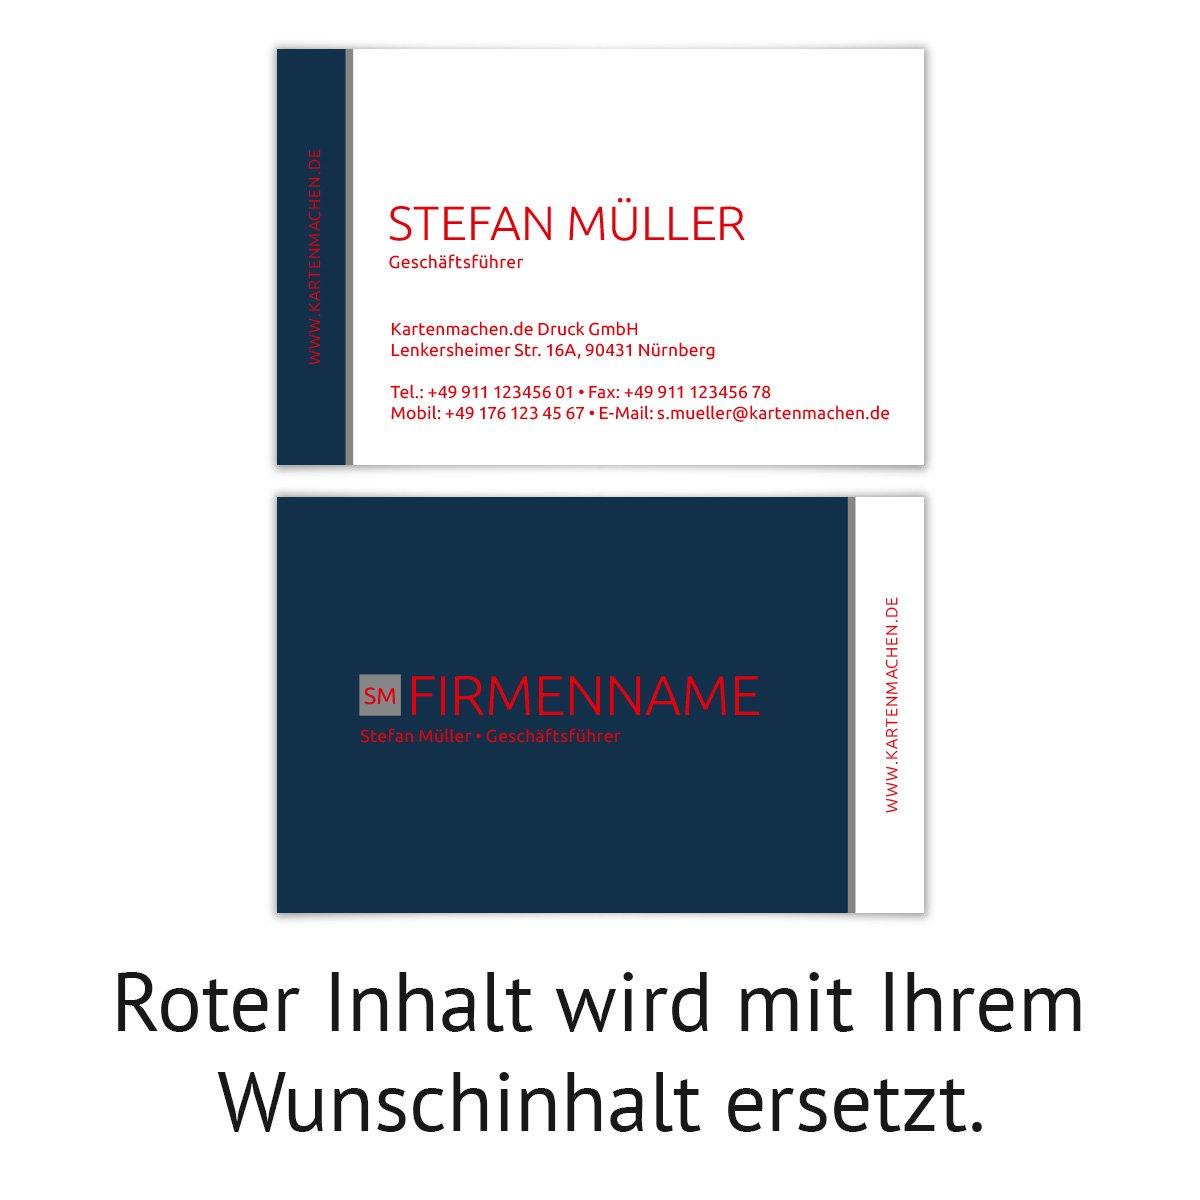 500 x x x Visitenkarten individuell Business Karten 300g qm 85 x 55 mm - Marine Simpel B07F77NBVJ | Verwendet in der Haltbarkeit  | Deutschland Shops  | Überlegen  de5c2b